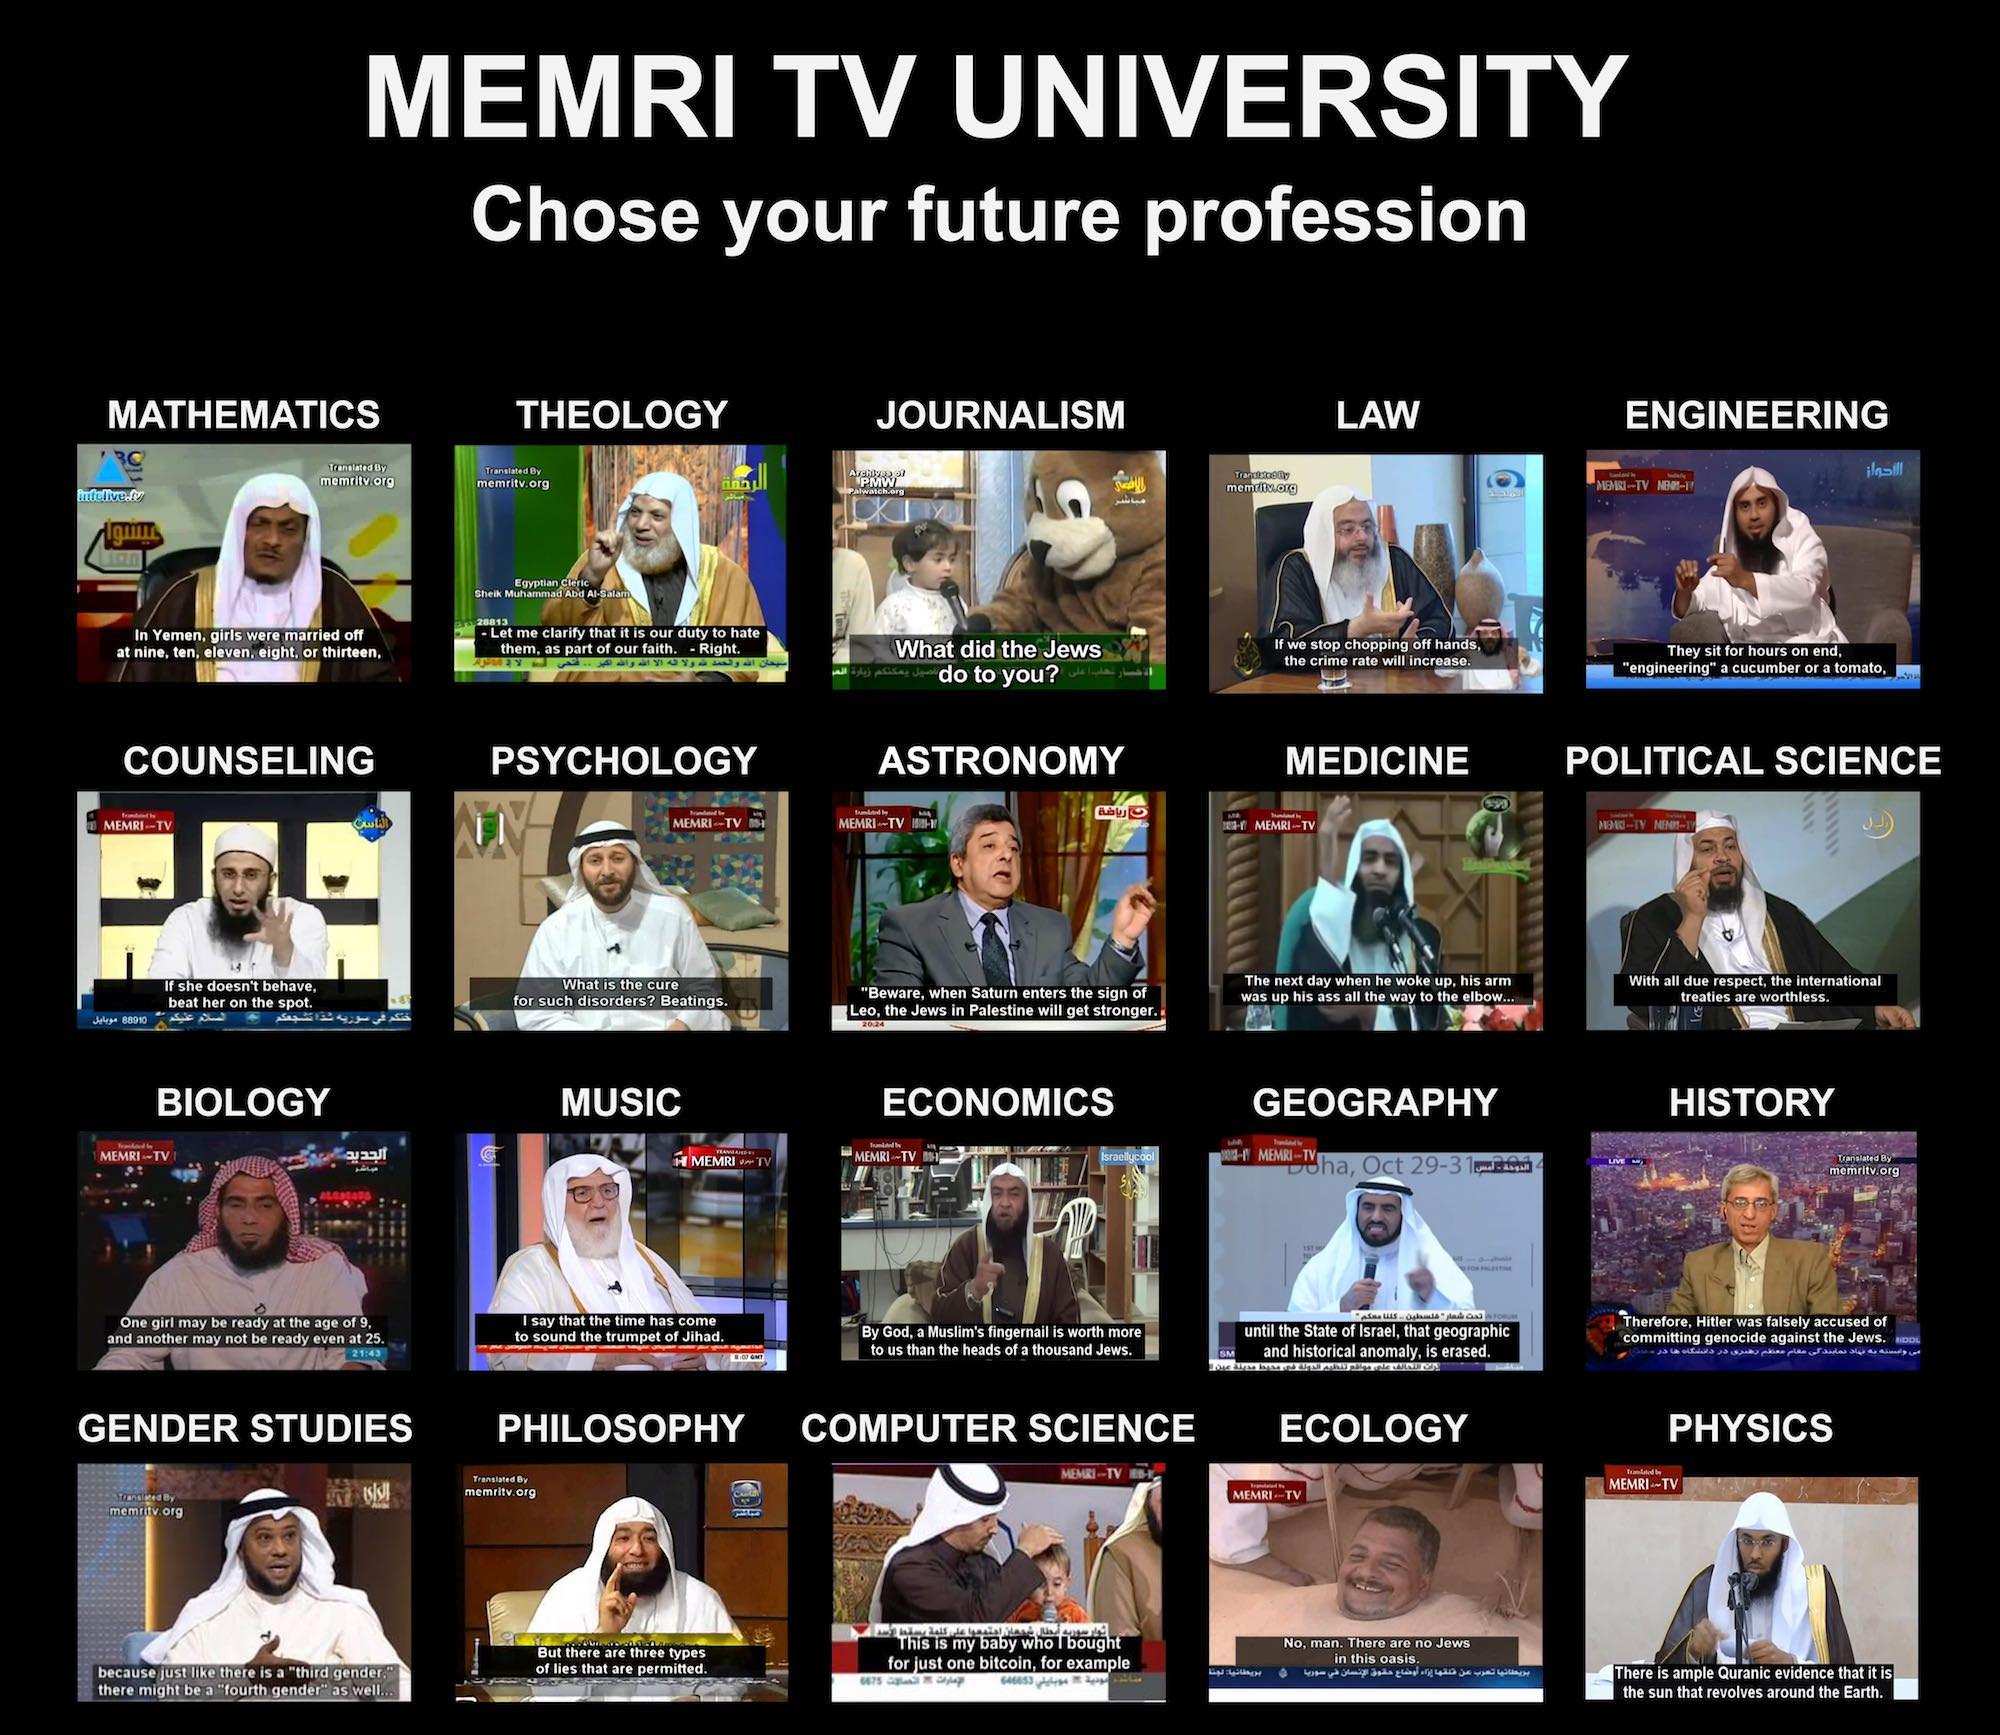 MEMRI TV University 2018 | MEMRI TV | Know Your Meme